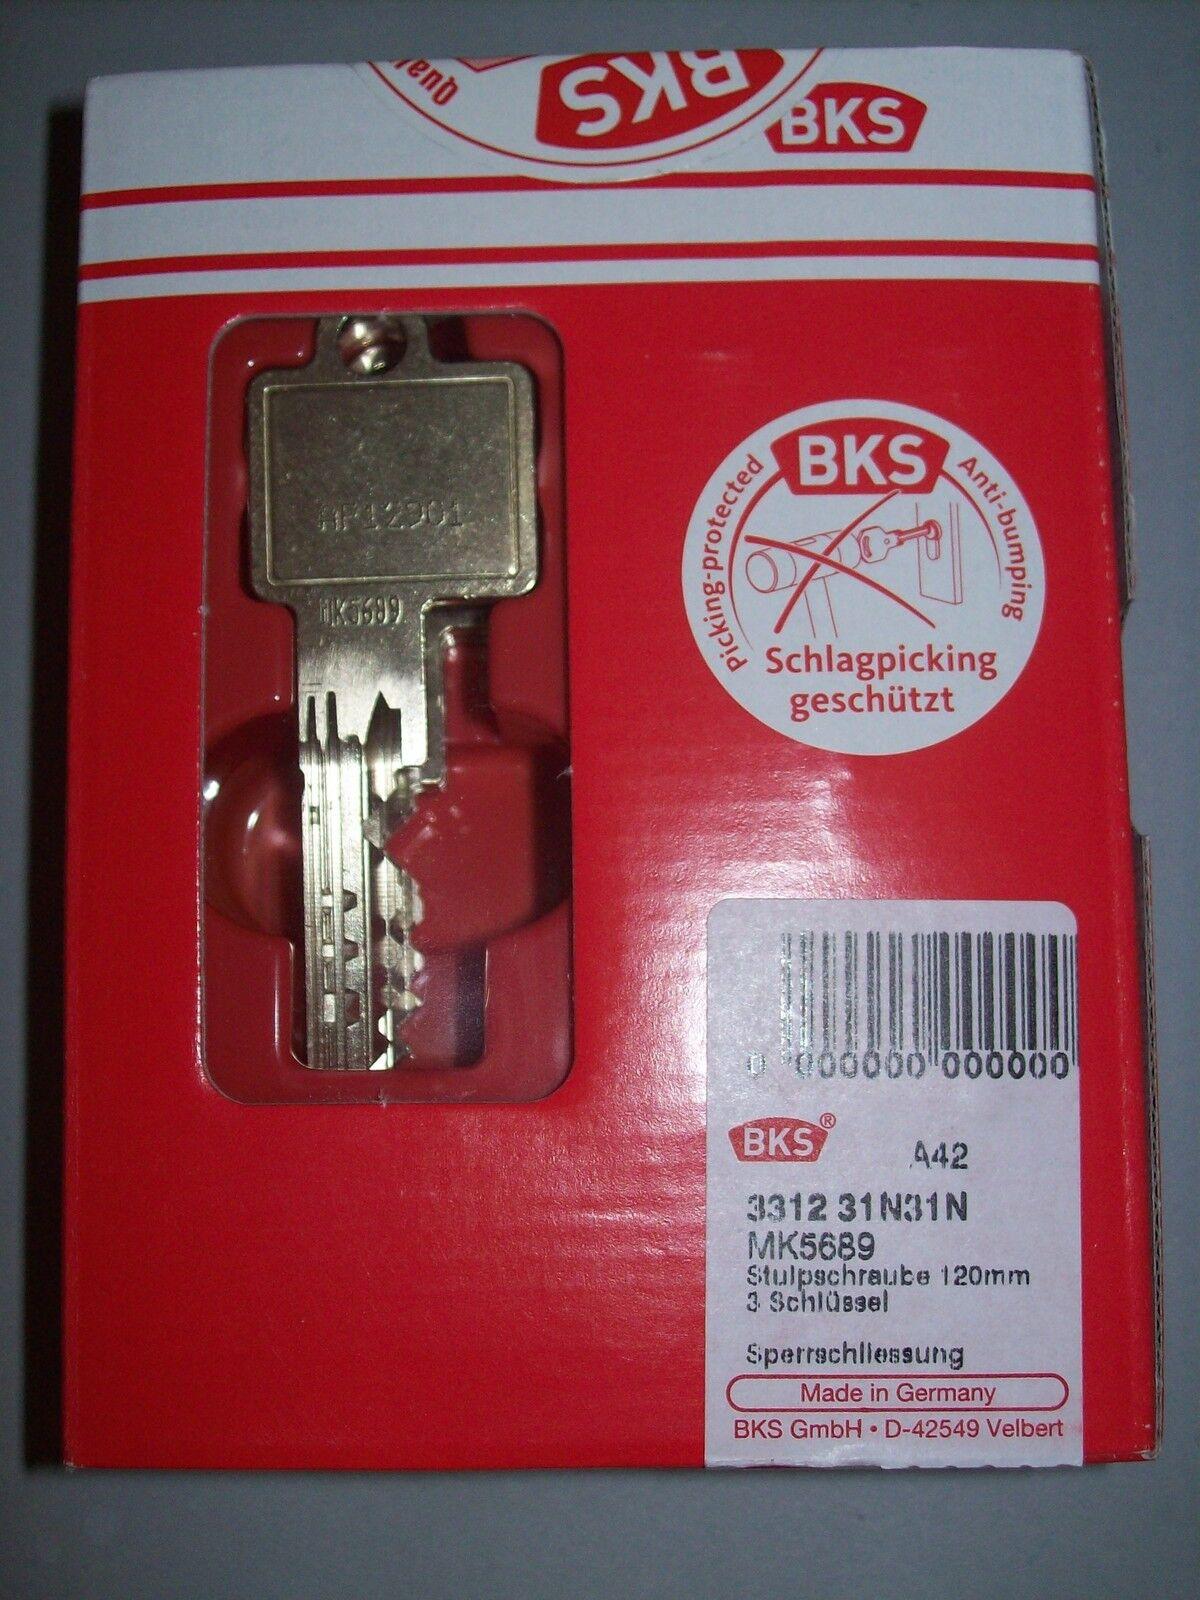 BKS detect3 SL Profilzylinder 31 31 3 Schl. Gefahrenfunktion Sicherungskarte NEU  | Neuartiges Design  | New Product 2019  | Haltbar  | Zu verkaufen